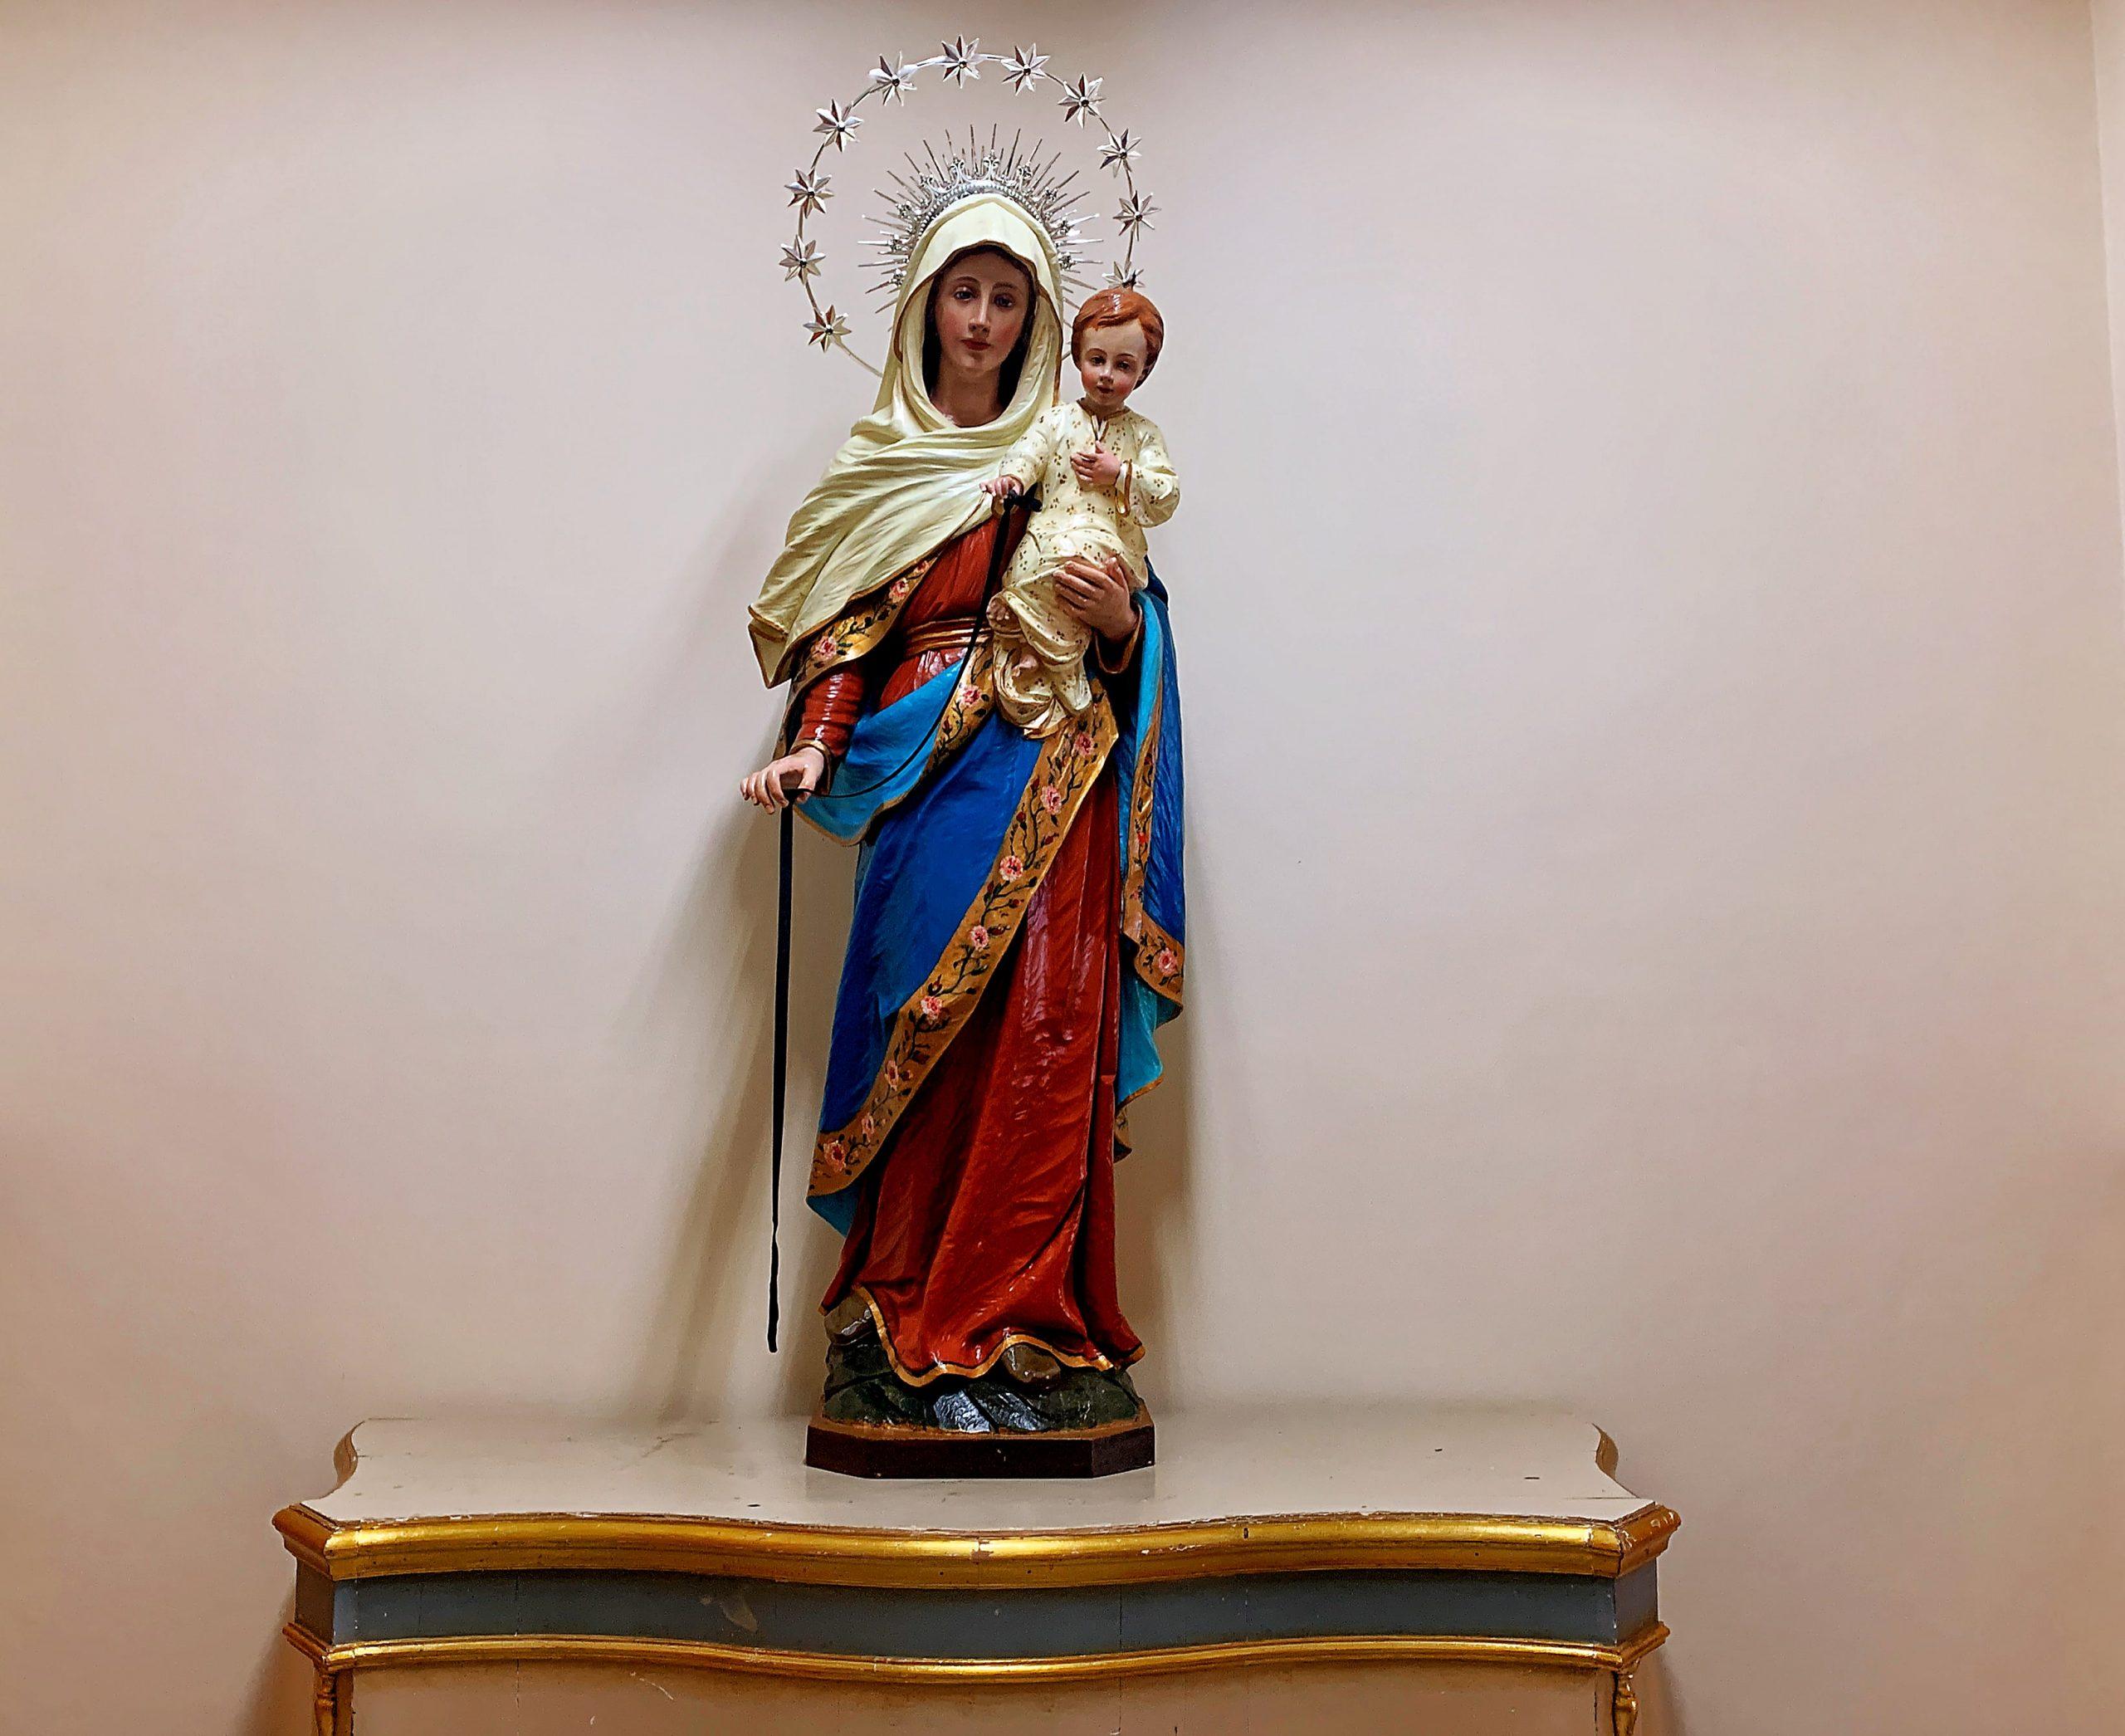 Statuta Madonna Della Cintura che tiene in mano il bambino e la famosa cintura